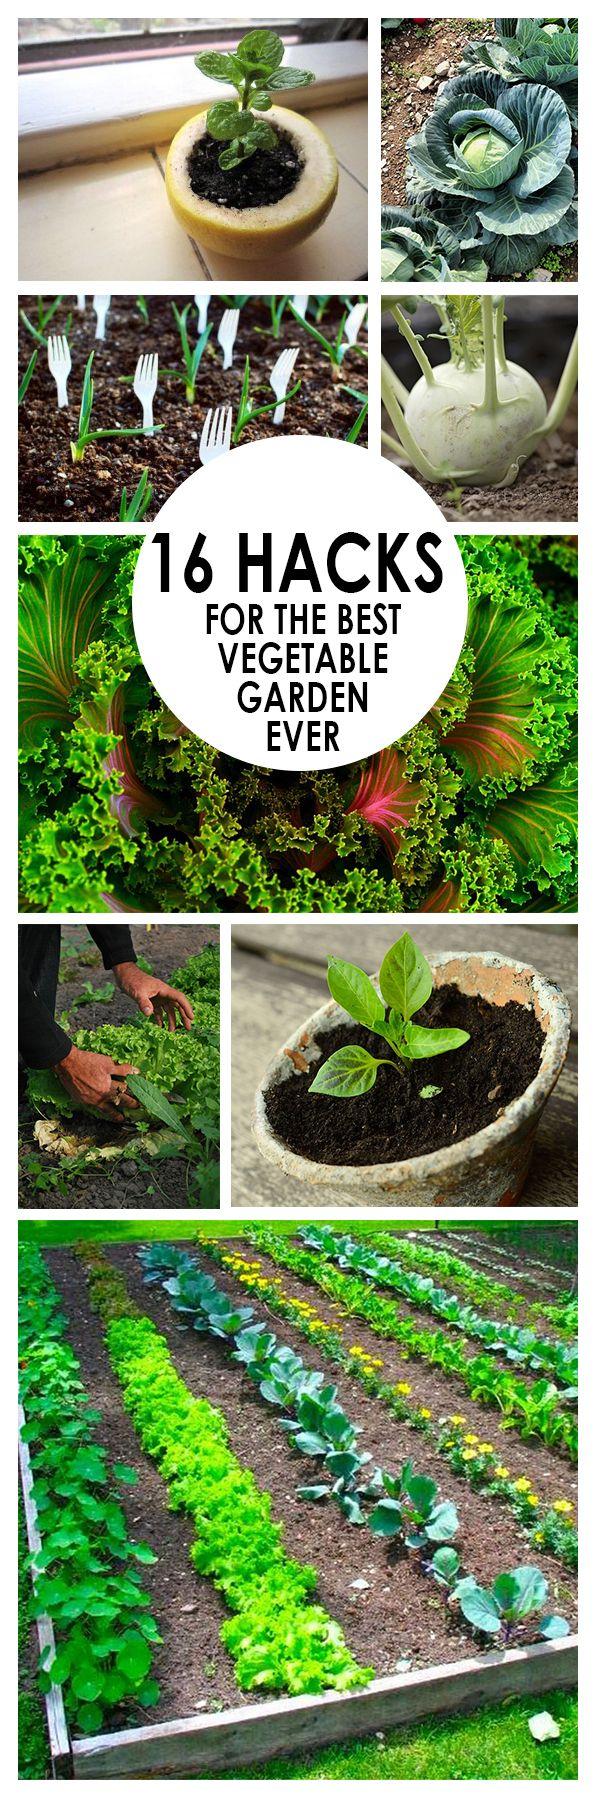 16 Hacks For The Best Vegetable Garden Ever Vegetable 640 x 480